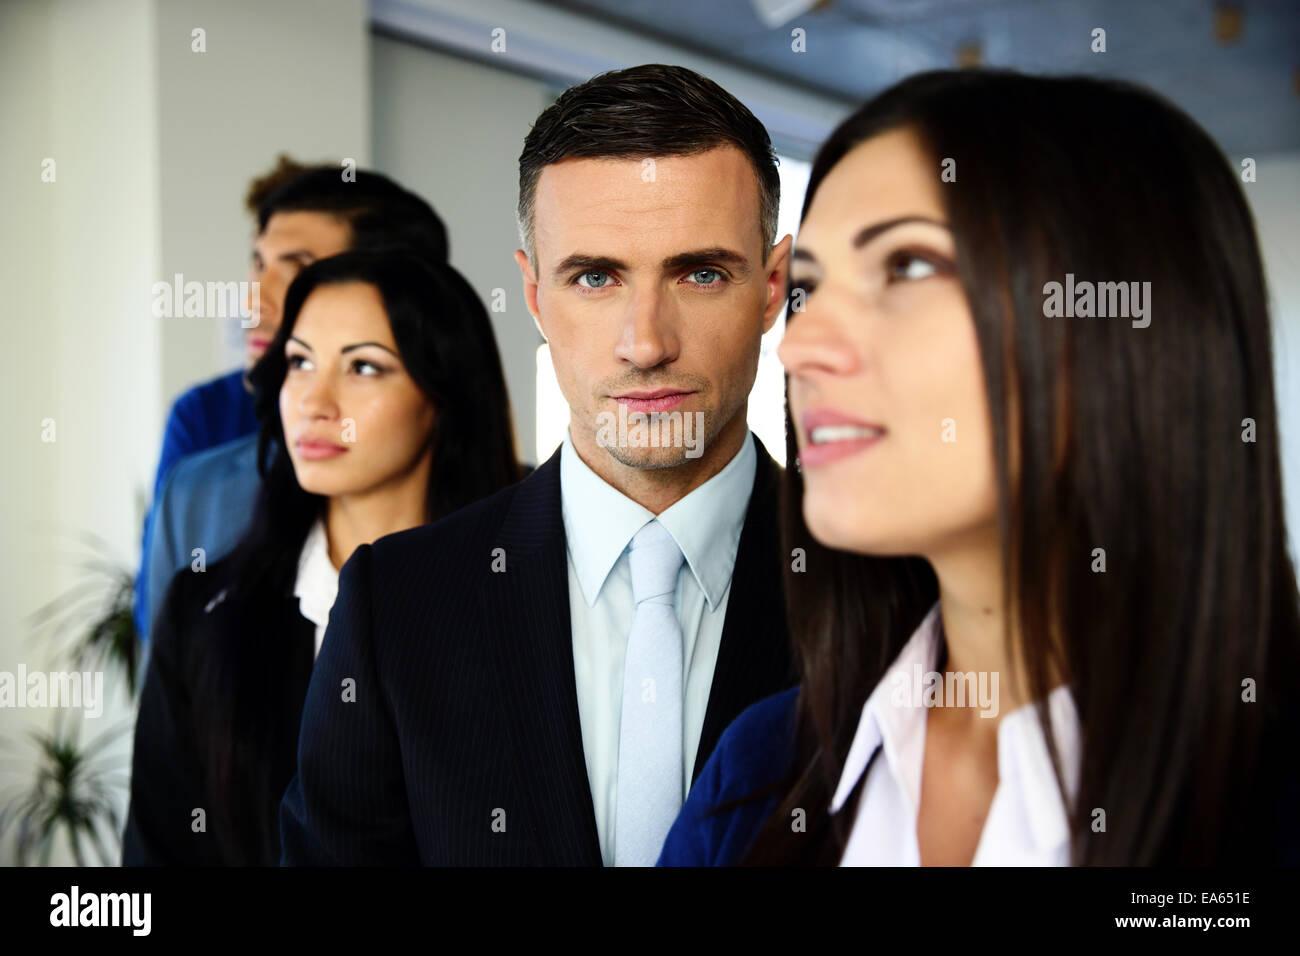 Grupo de jóvenes compañeros de pie en una fila en la oficina Imagen De Stock